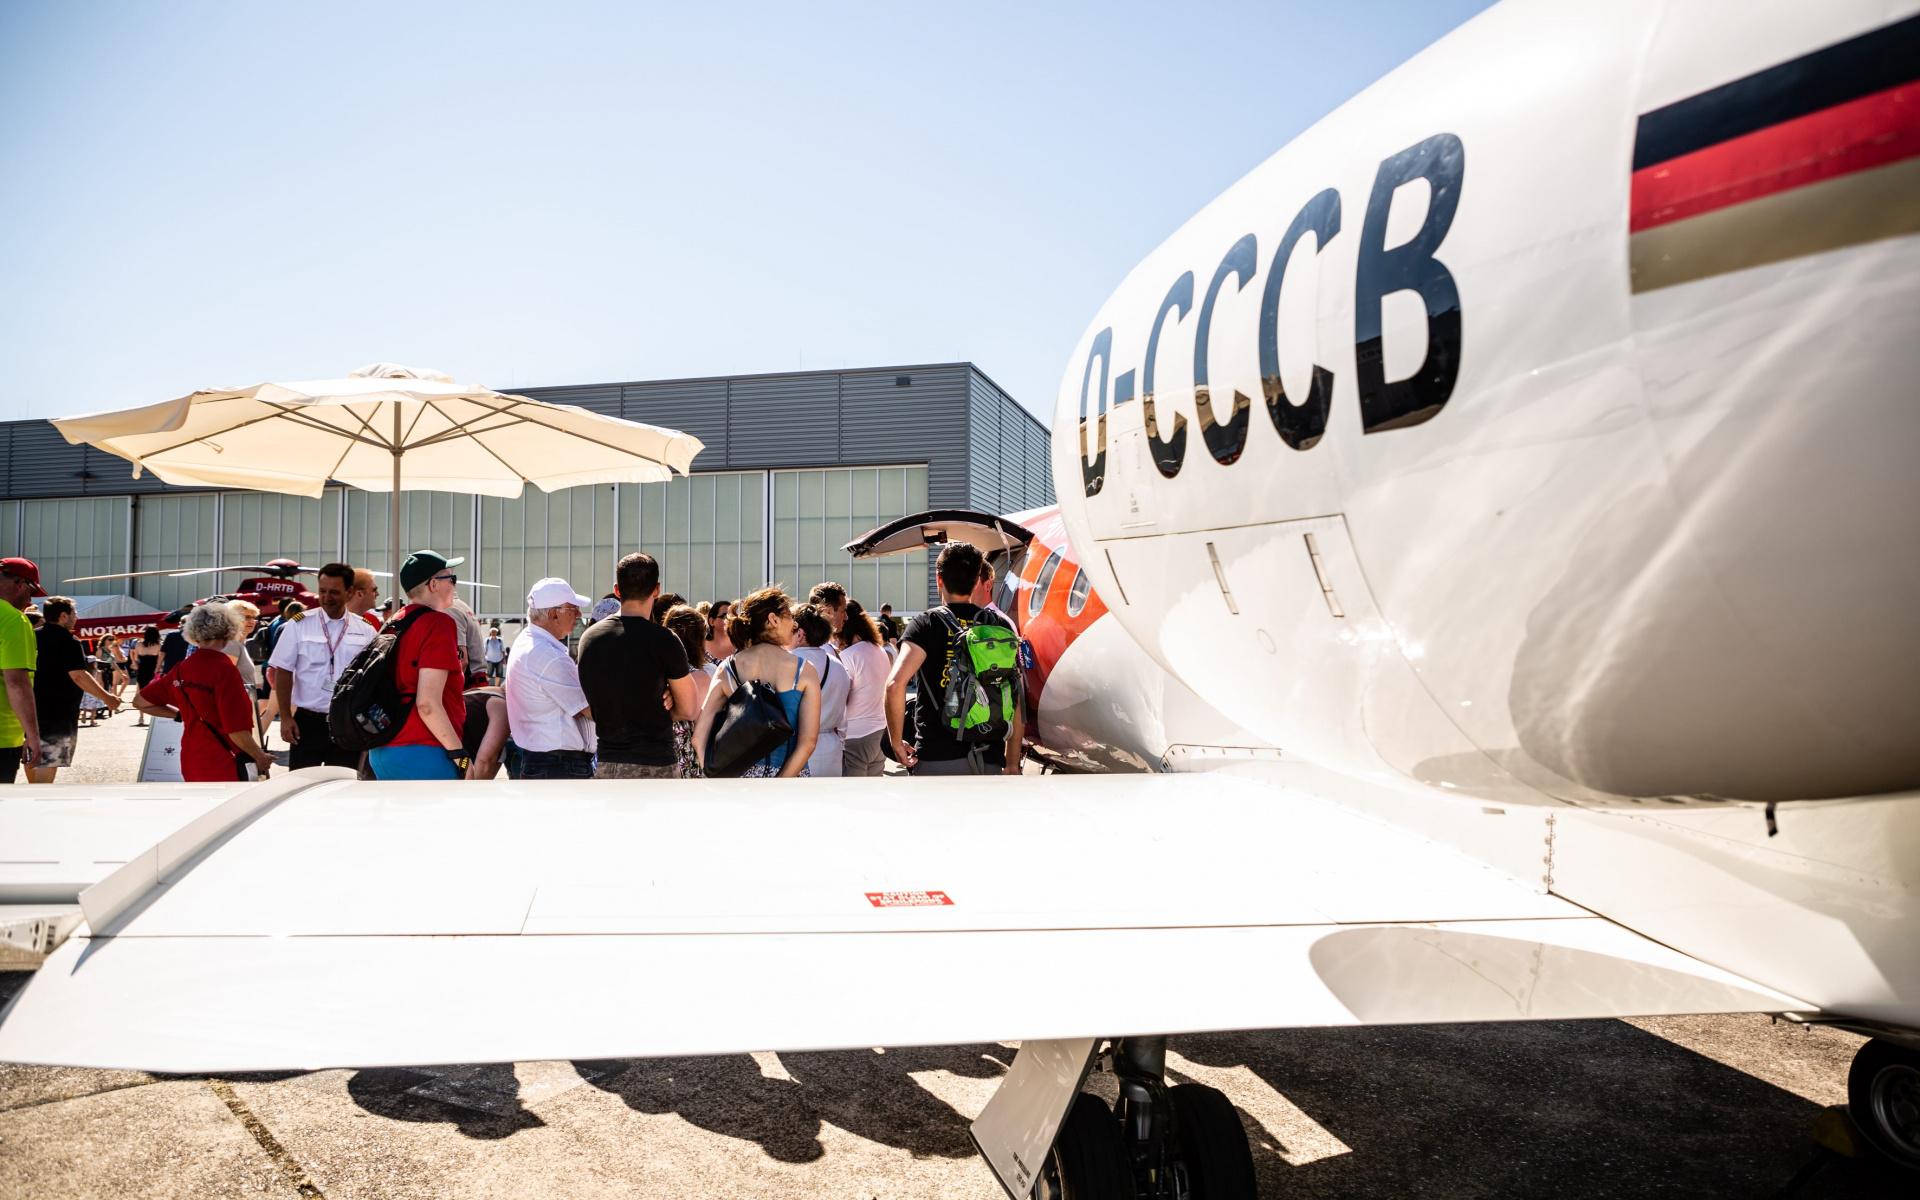 Die Mitarbeiter des Ambulanzflugbetriebs beantworteten die vielen interessierten Fragen der Besucher und berichteten von ihren Einsätzen.